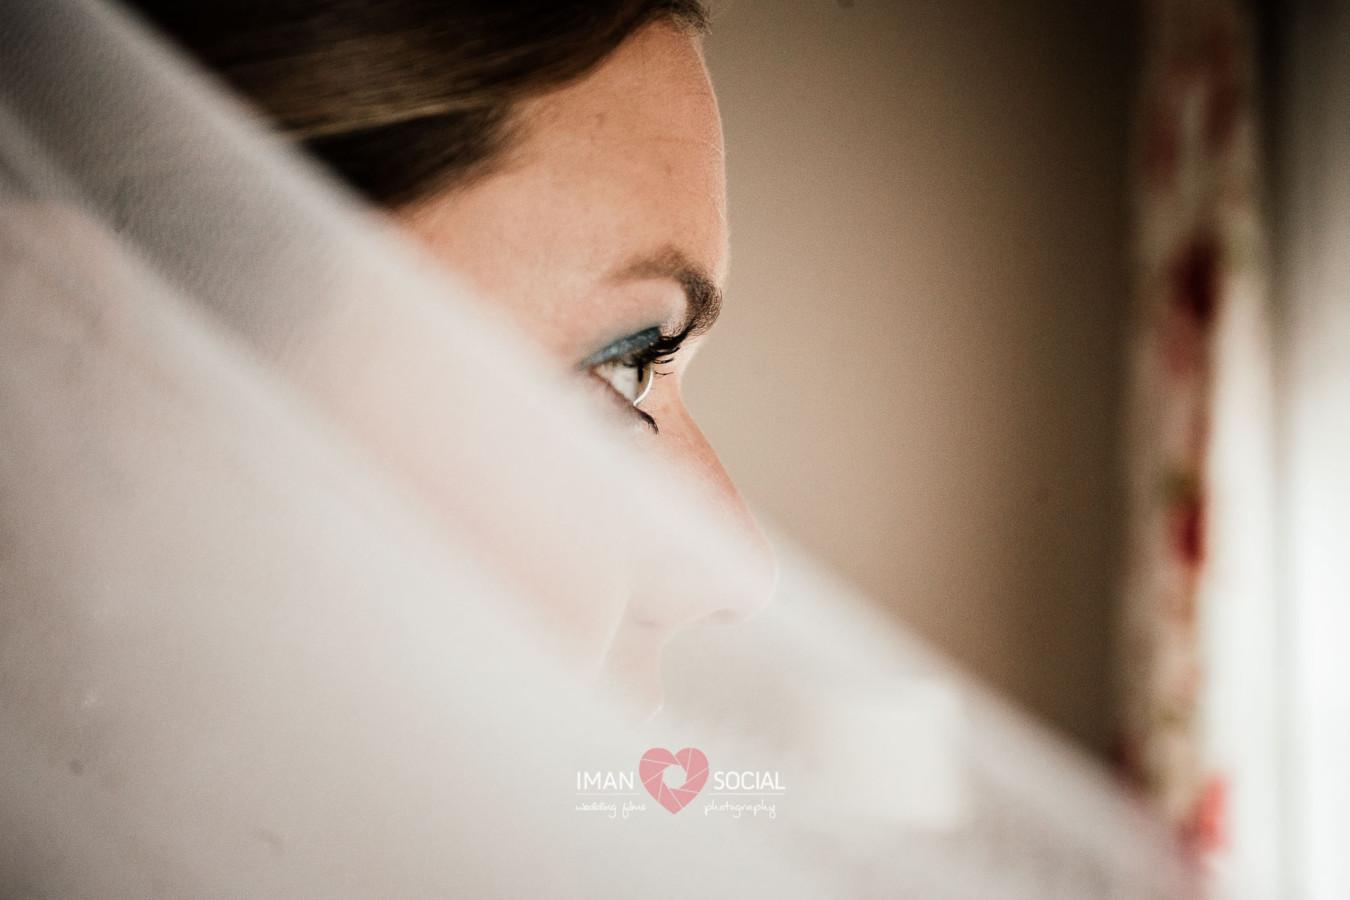 fotografo-de-boda-en-cordoba-sevilla-posadas-boda-auxi-y-antonio-23 Auxi & Antonio, primera boda de la temporada - video boda cordoba